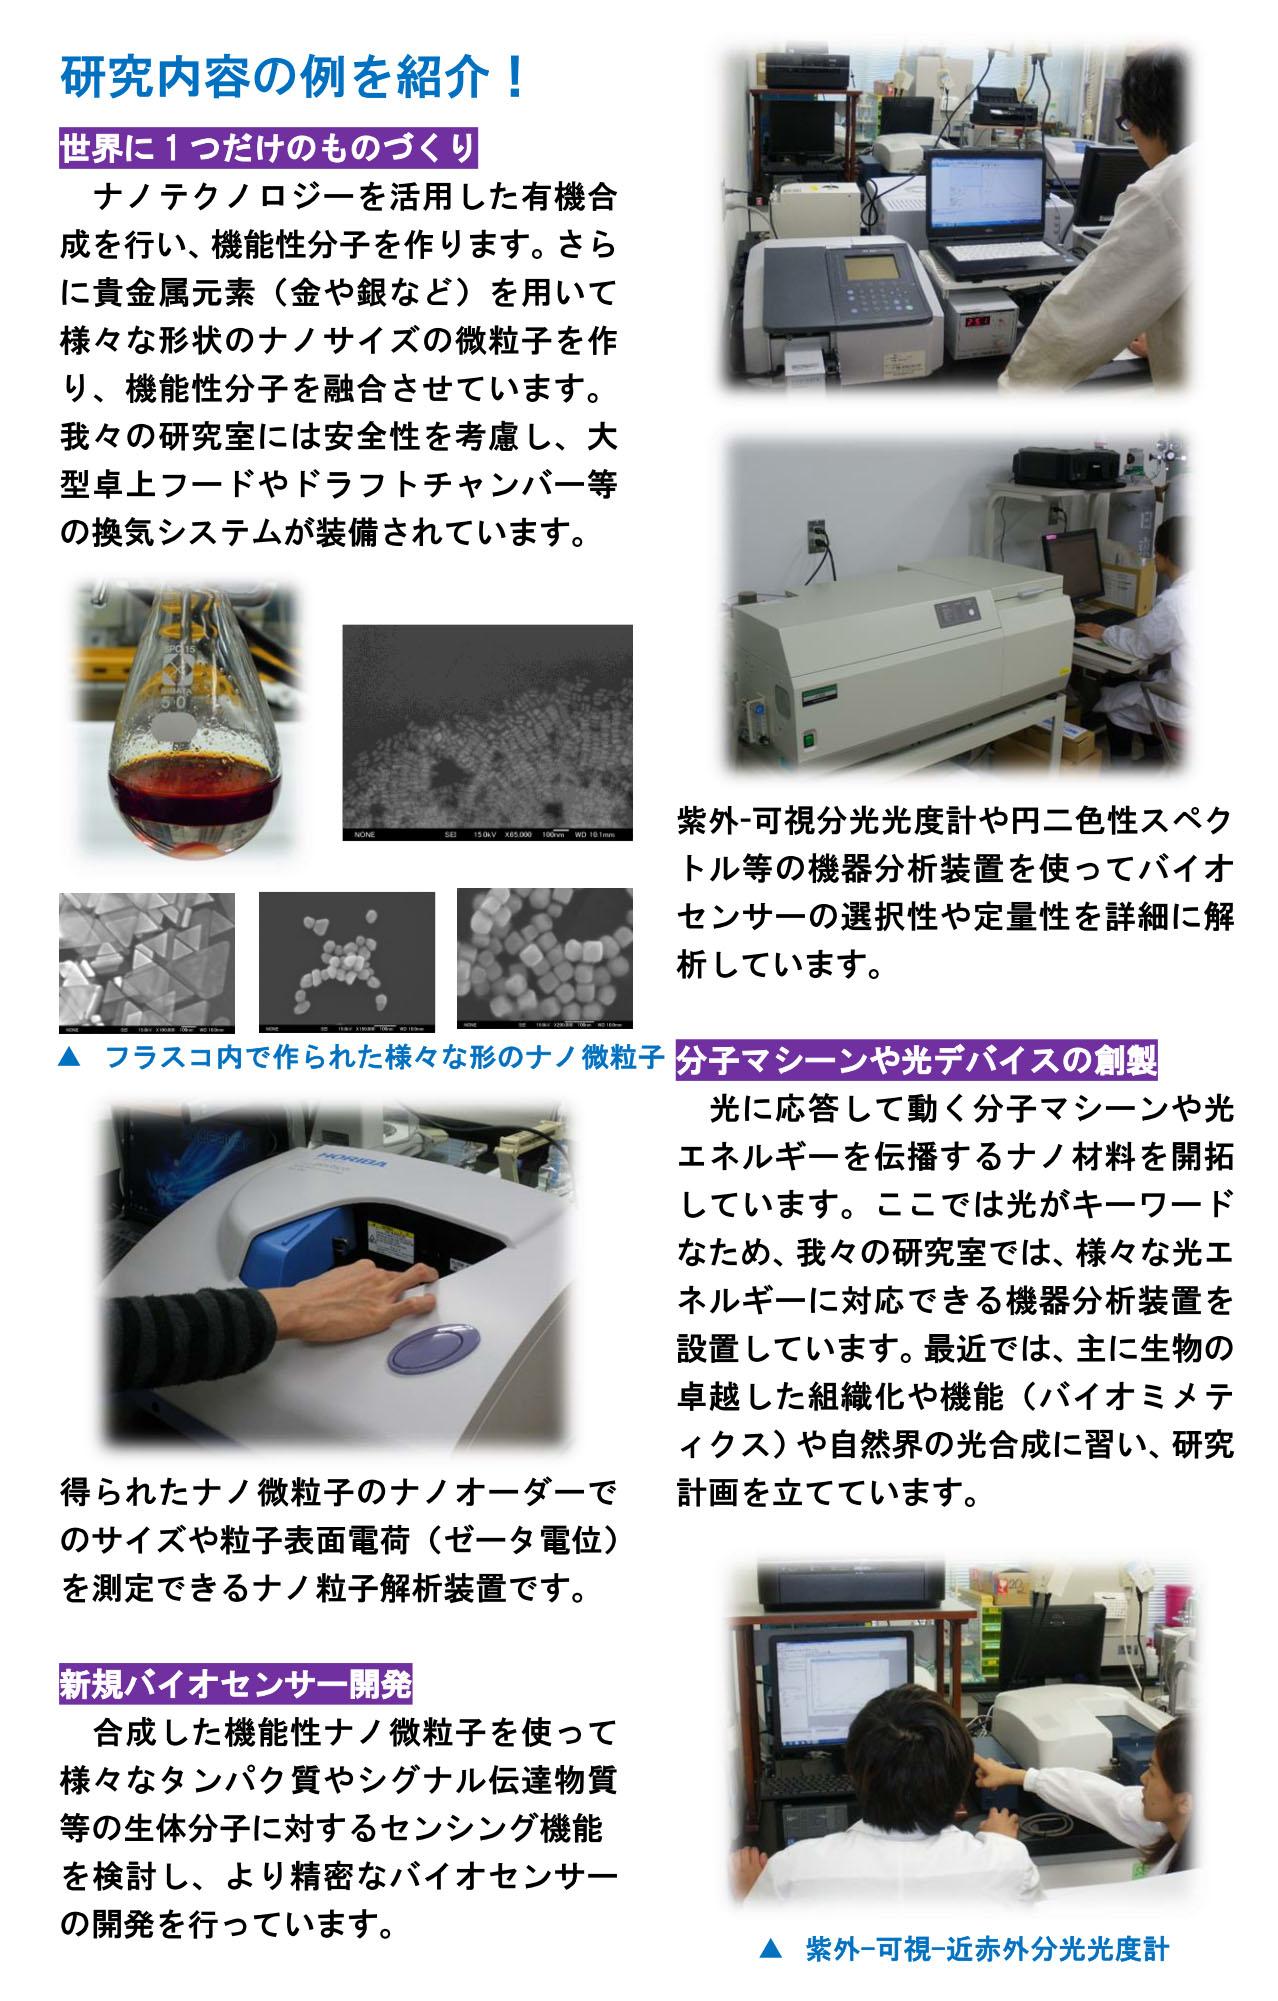 生命工学科 新森研究室 (合成生物分子工学研究室)